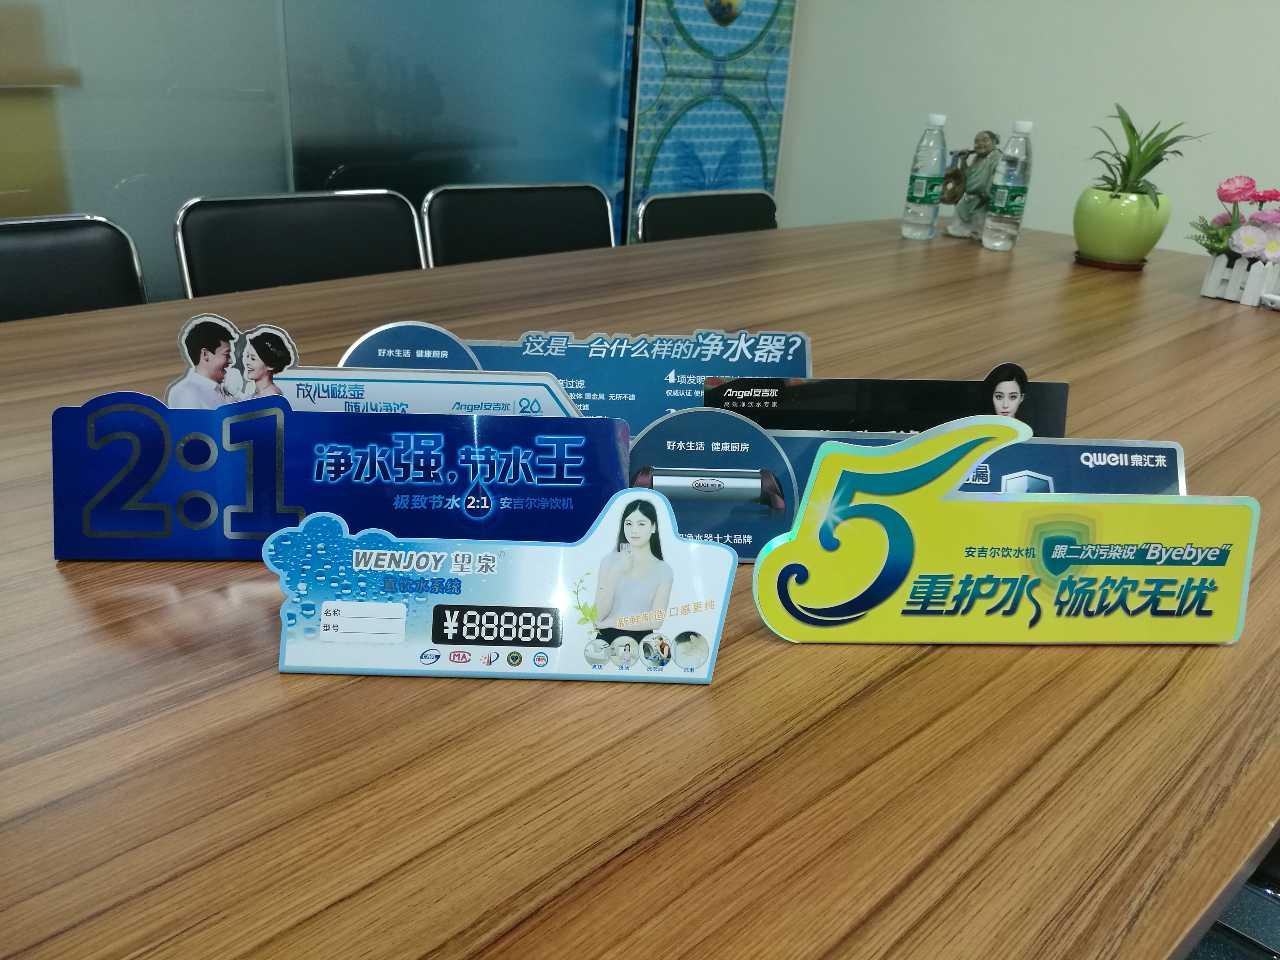 来自曾赞洪发布的供应信息:... - 深圳市威马立体展示制品有限公司